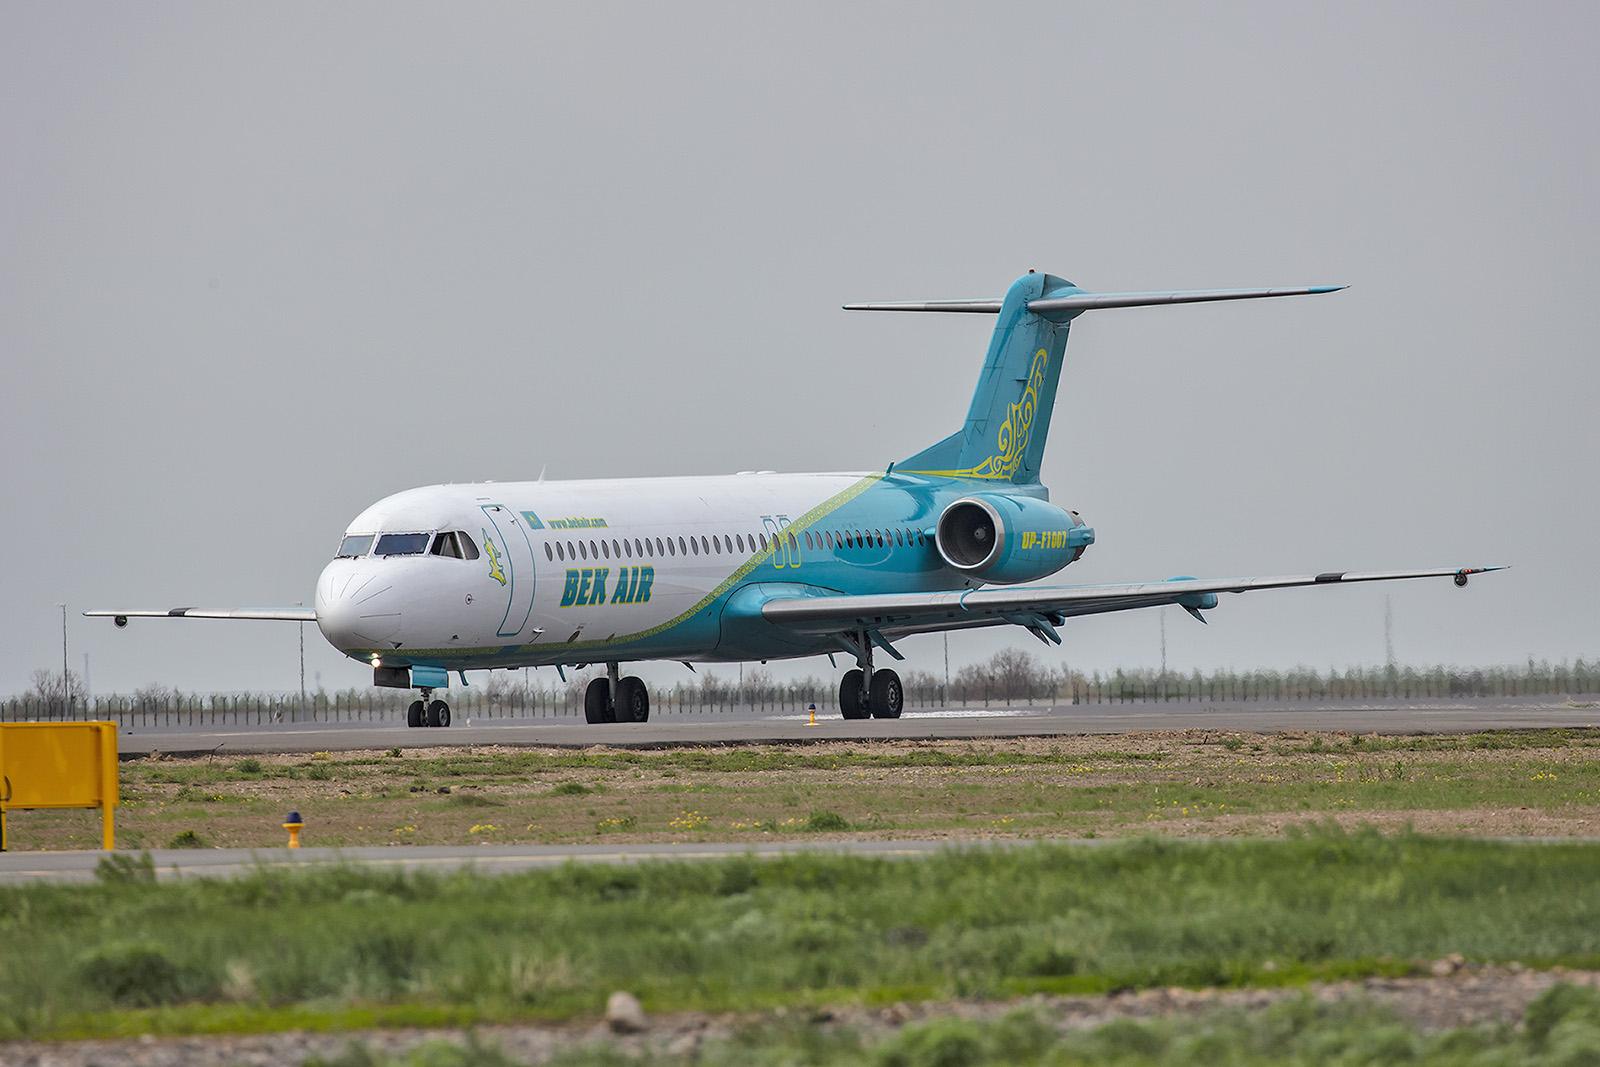 Eine der schönen Fokker 100 von Bek Air